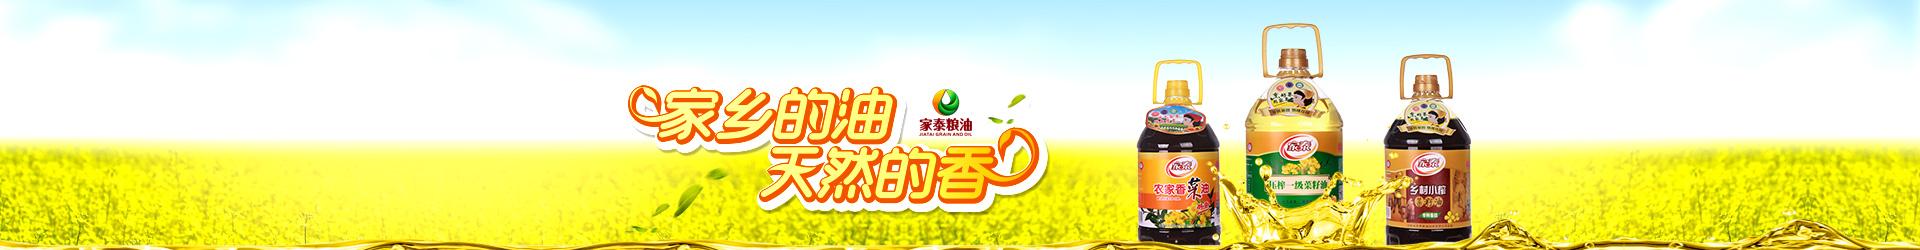 江西beplay2官网体育下载批发